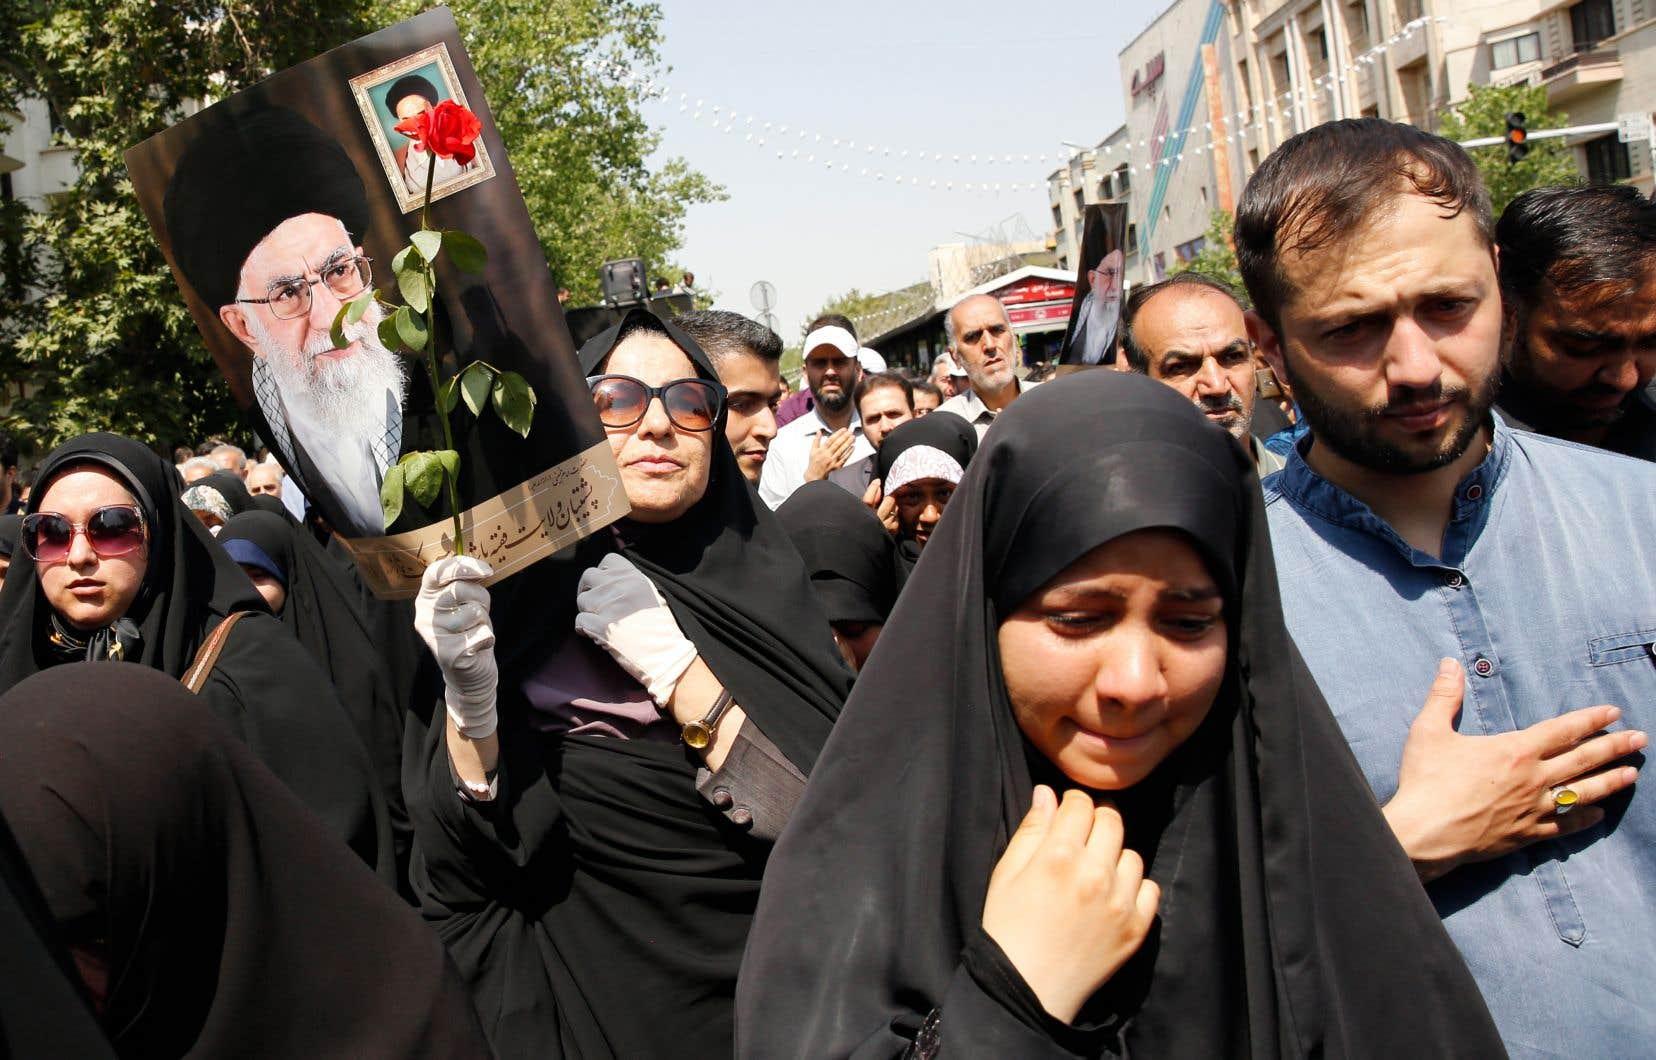 La guerre Iran-Irak (1980-1988) a beau s'être achevée il y a plus de trente ans, l'Iran organise régulièrement des funérailles pour des soldats dont les restes sont soit restitués par l'Irak, soit découverts dans les zones des combats, qui se sont déroulés essentiellement en Iran.